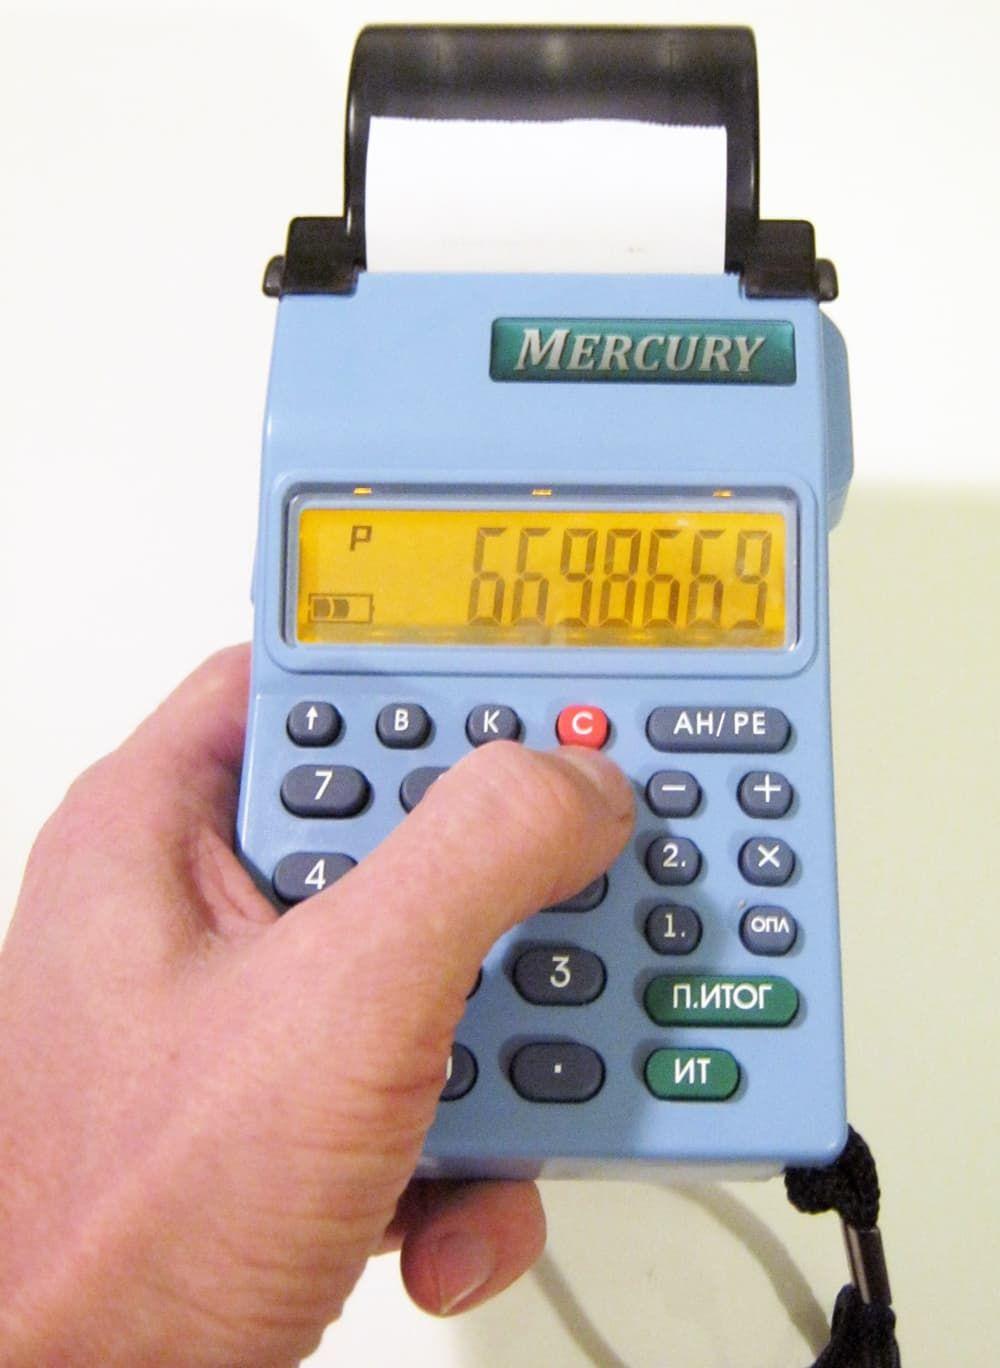 инструкция к плм меркури 40 выпуска 90-х